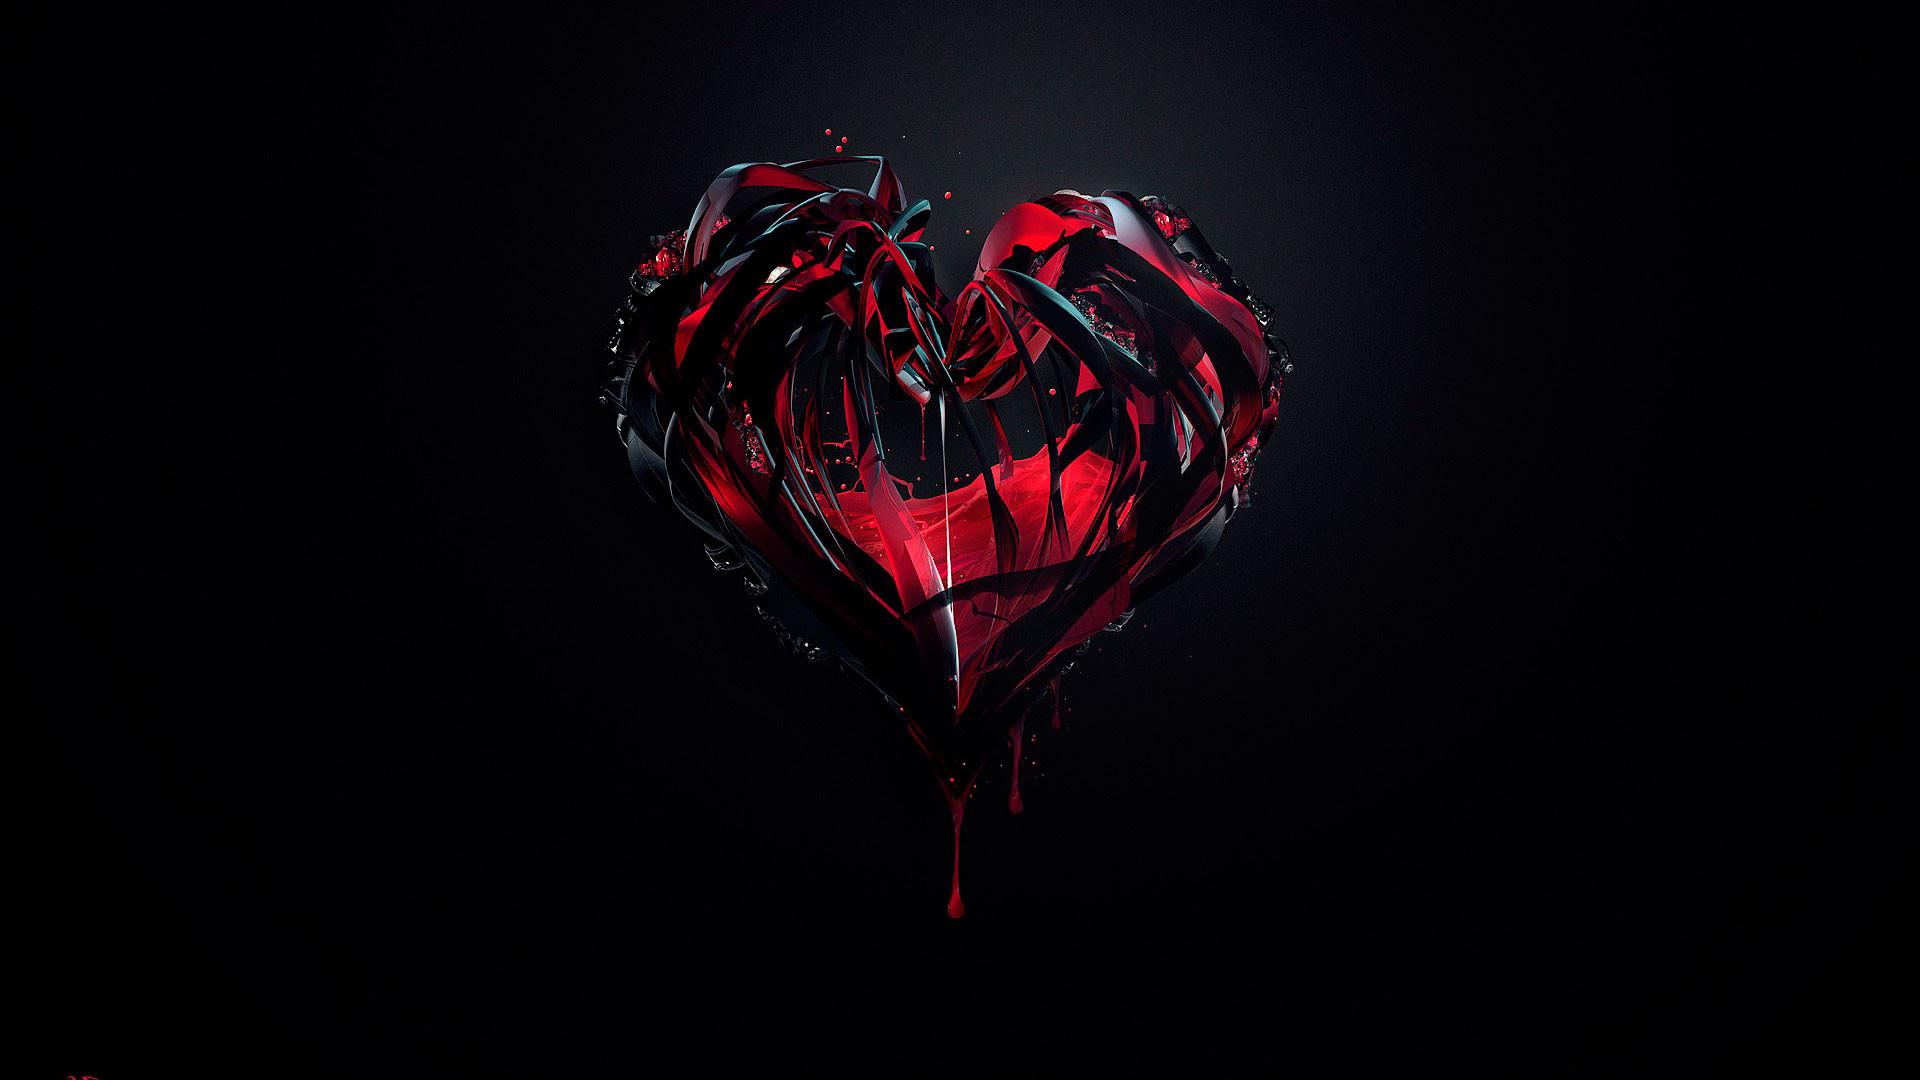 Broken Heart Wallpaper 76 Pictures